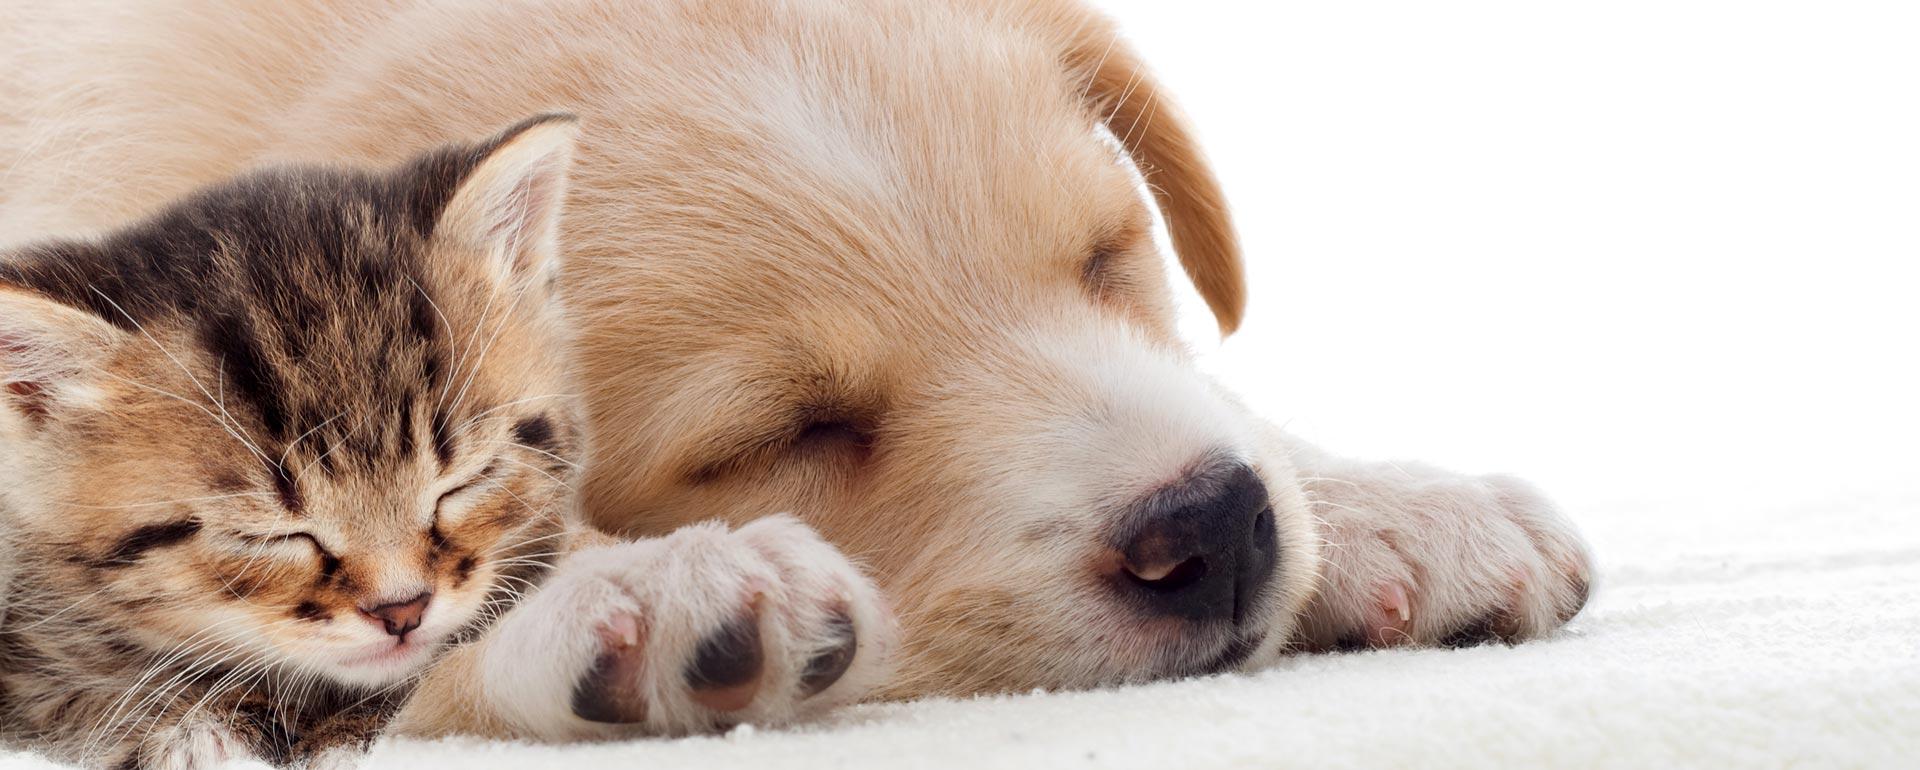 Hundebetten für Ihre Hunde